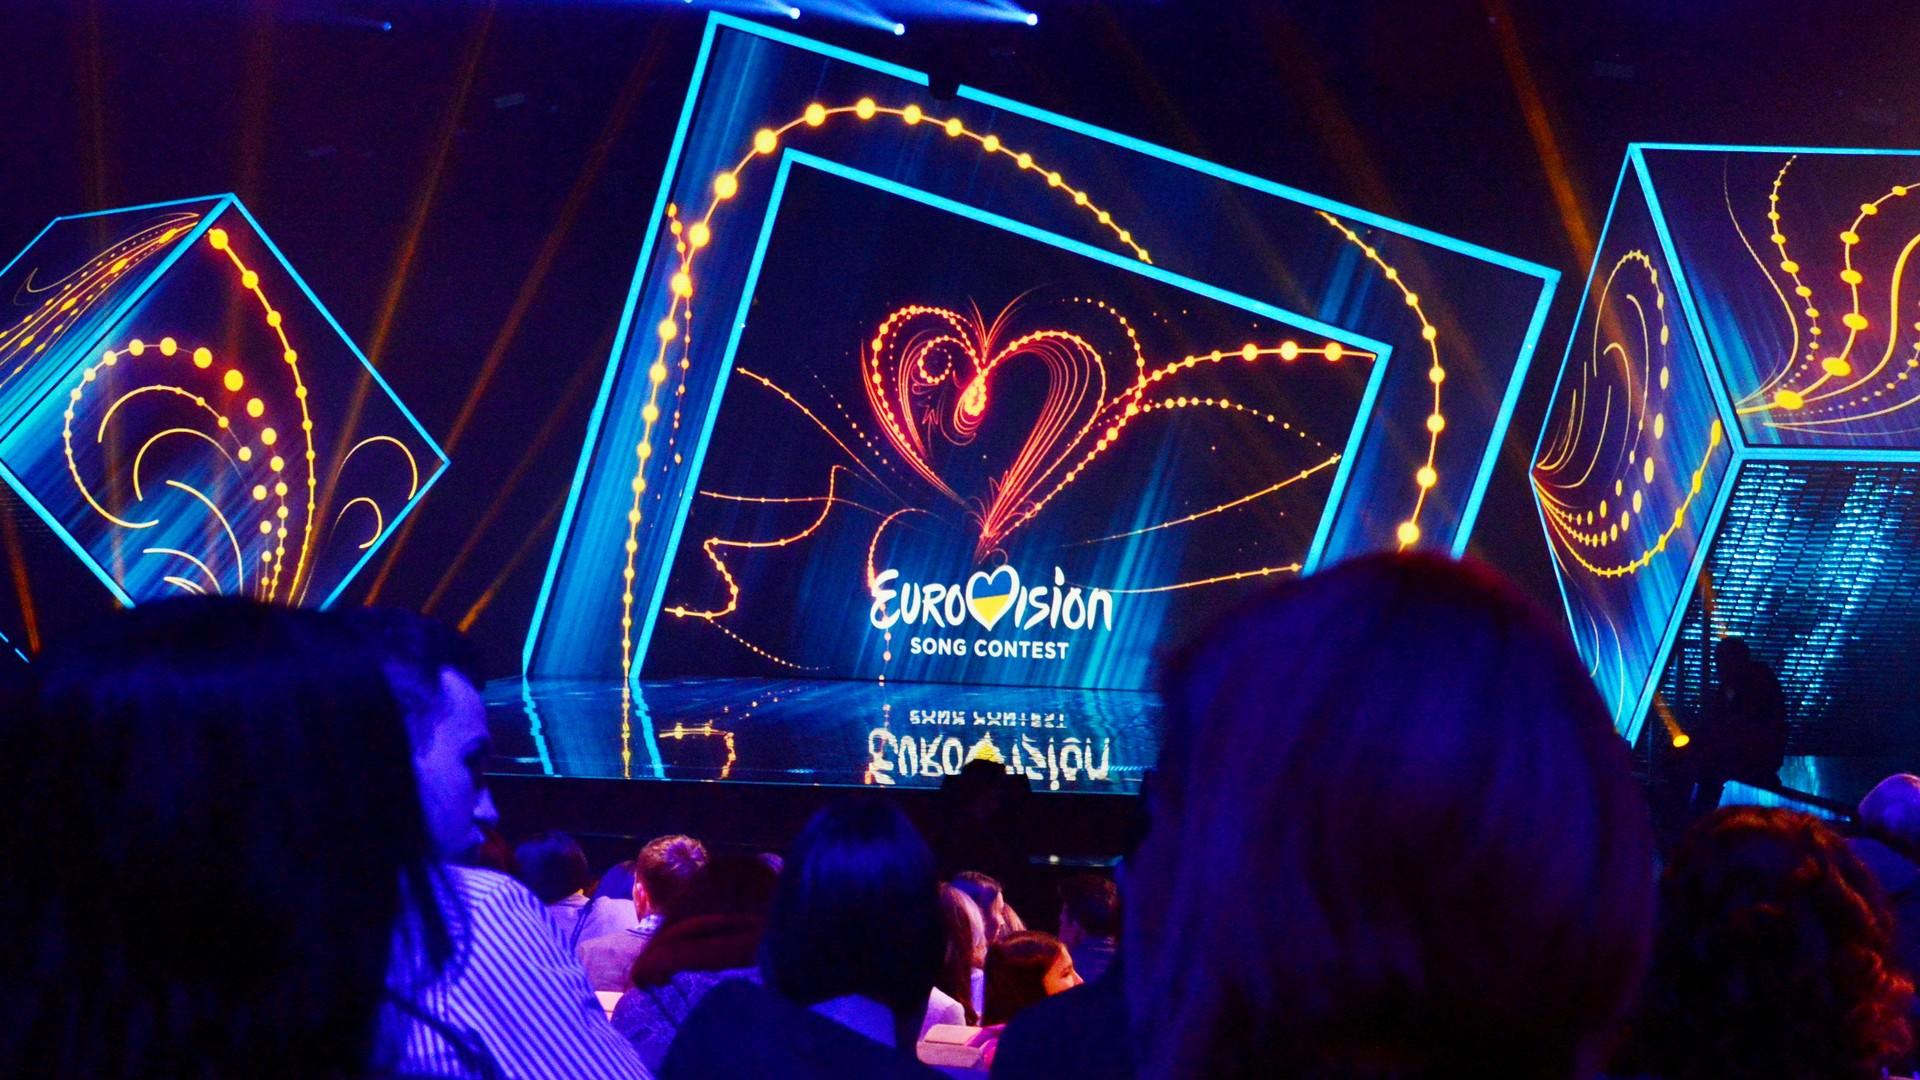 В Киеве фанатам'Евровидения продавали фальшивые билеты